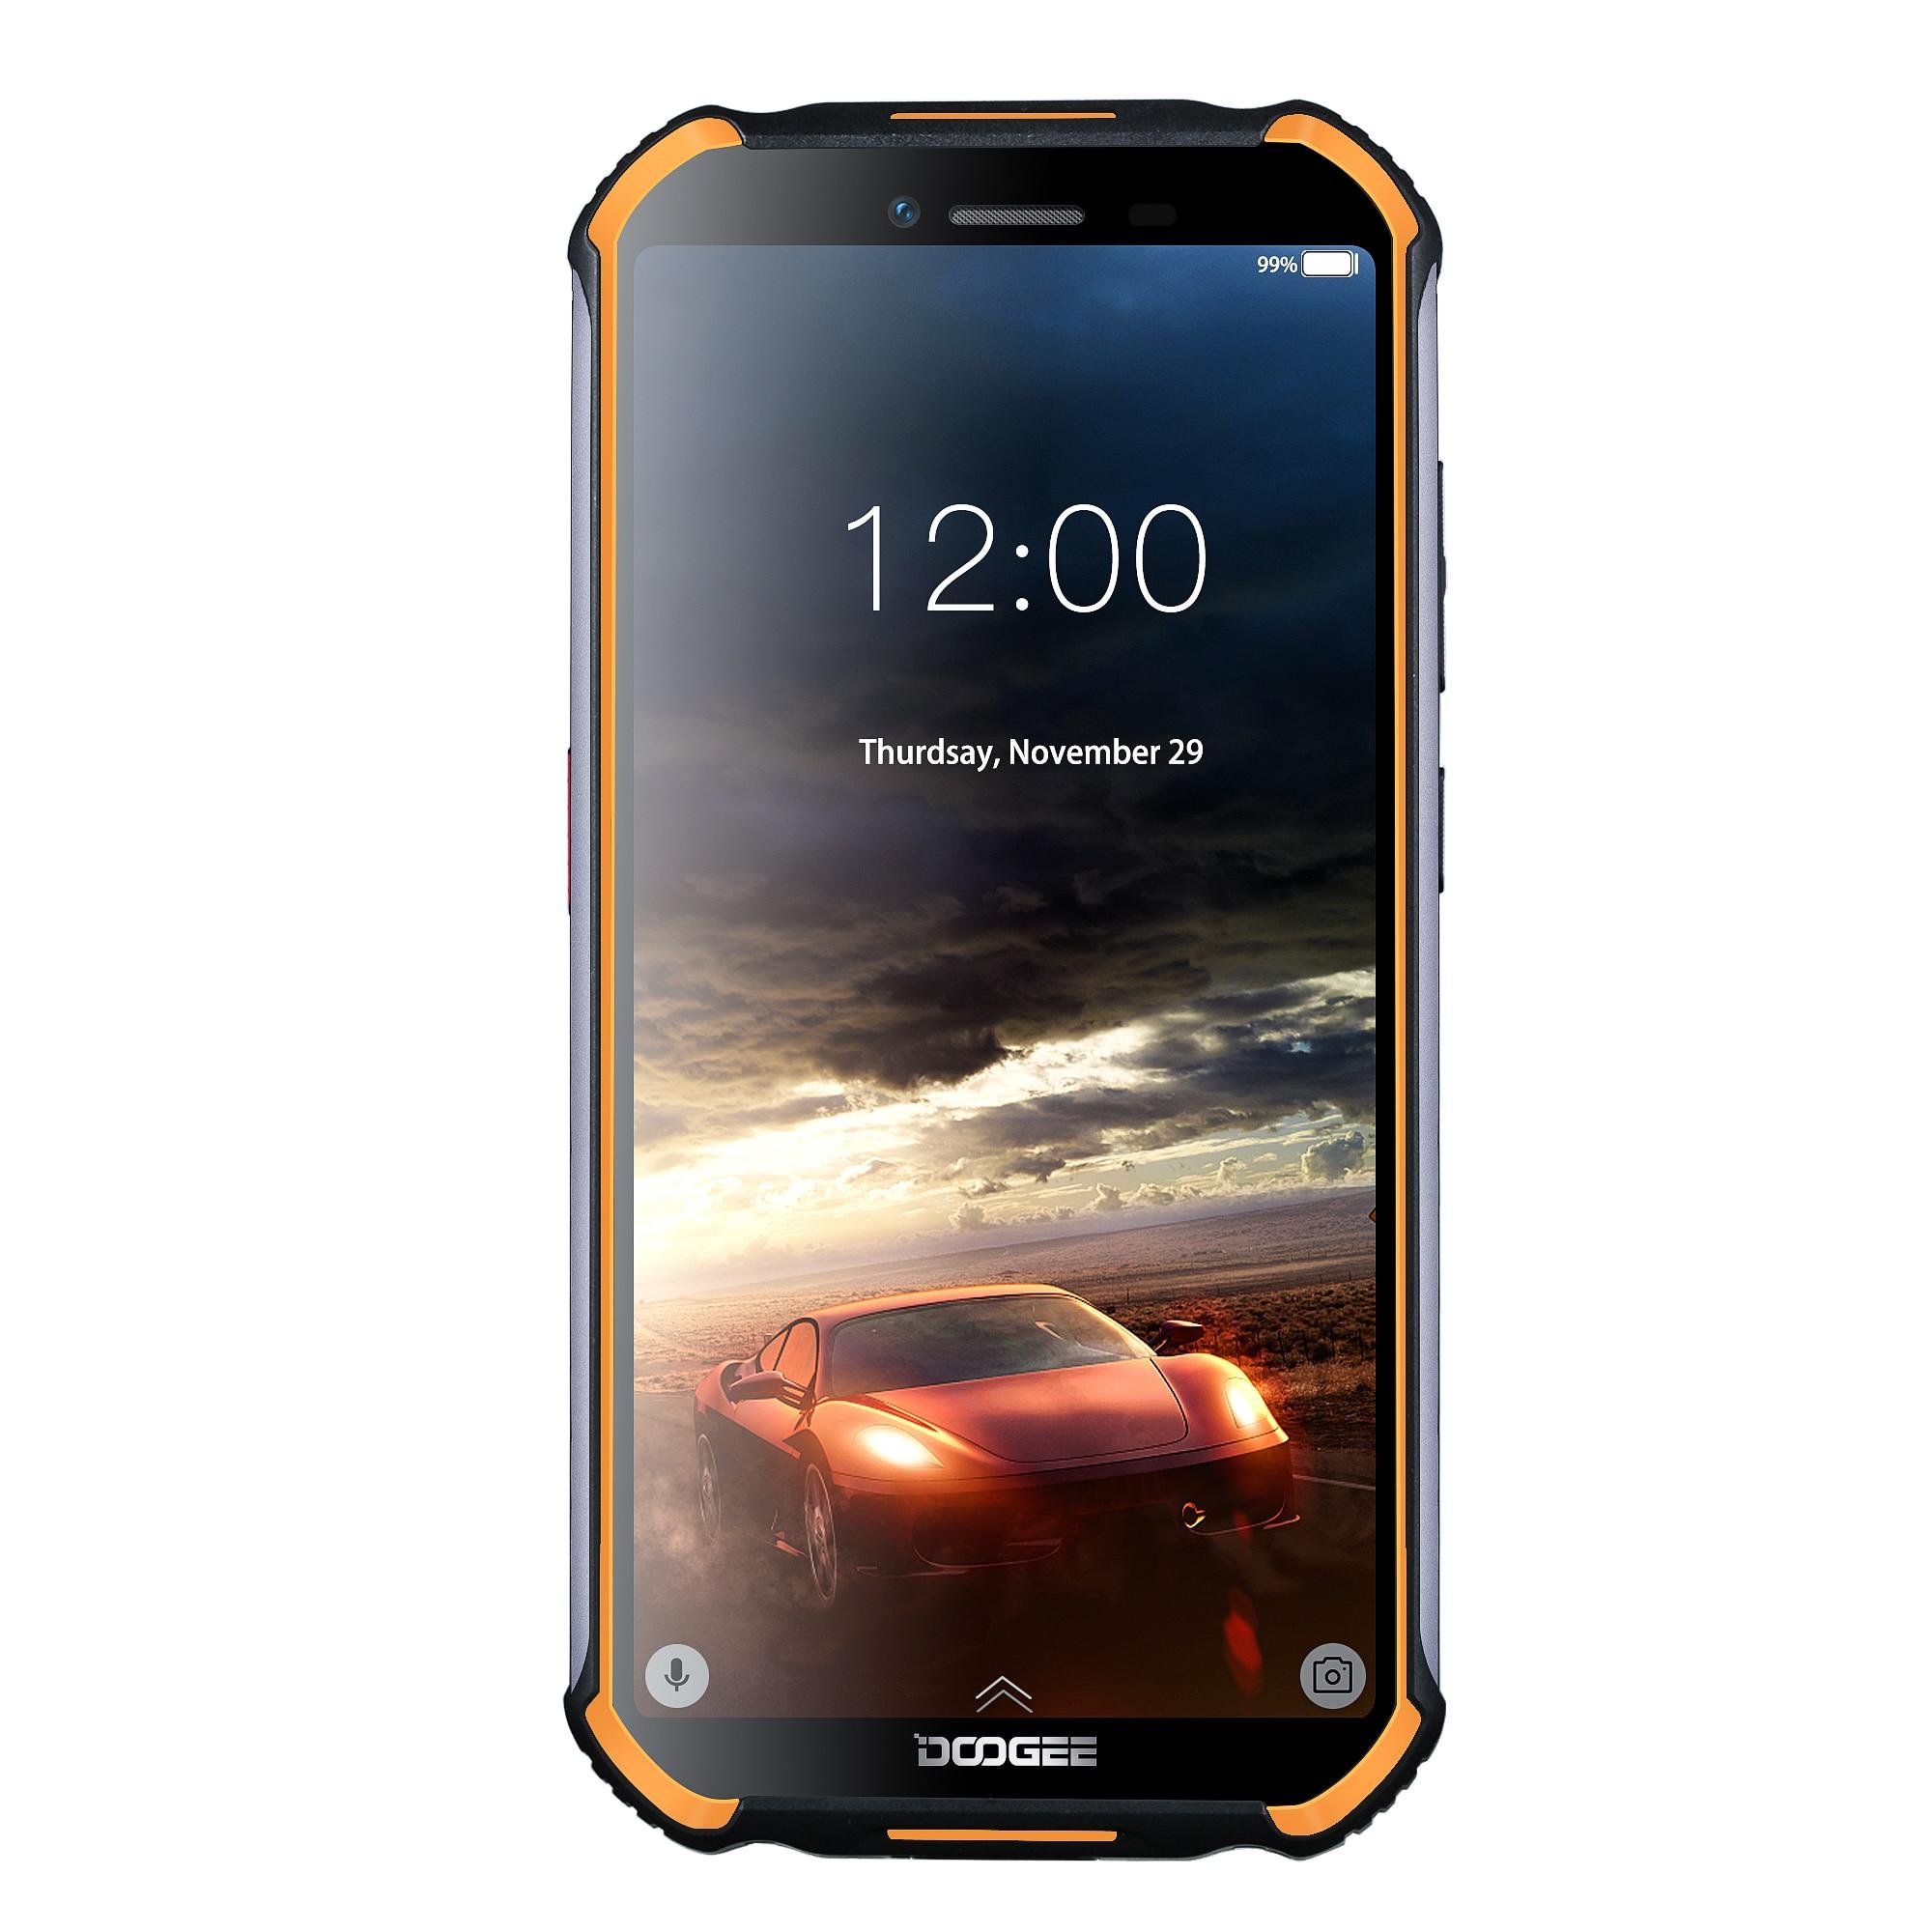 Фото. DOOGEE S40 Android 9,0 4G сеть прочный мобильный телефон 5,5 дюймов мобильный телефон MT6739 четырех